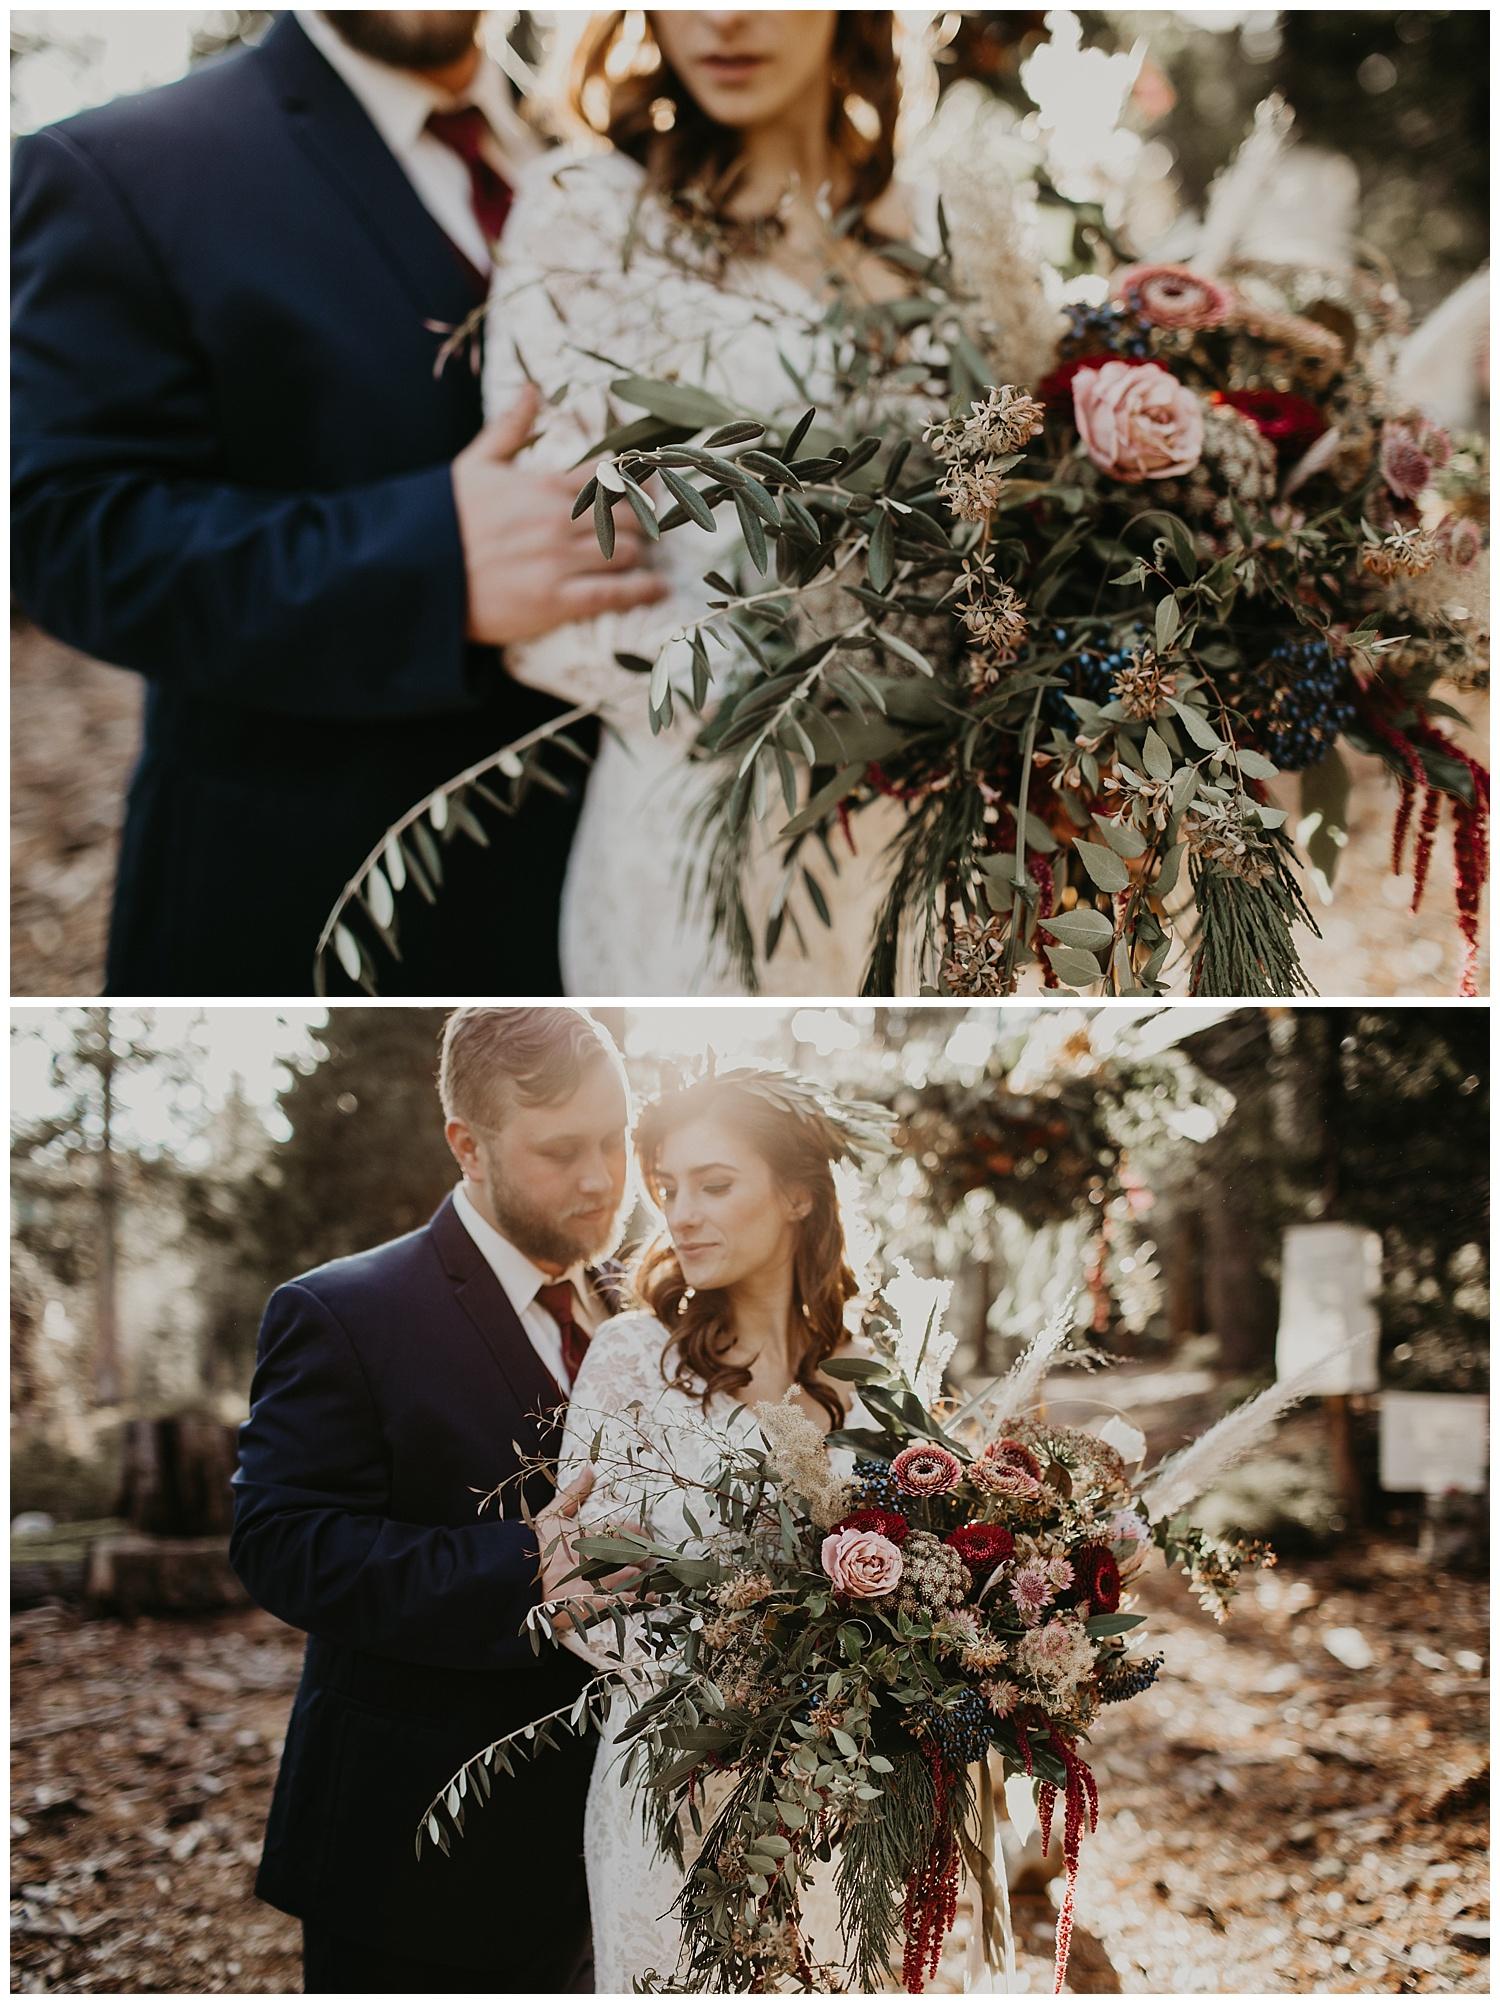 lake-tahoe-winter-wedding-boho-bride-with-flowers.jpg